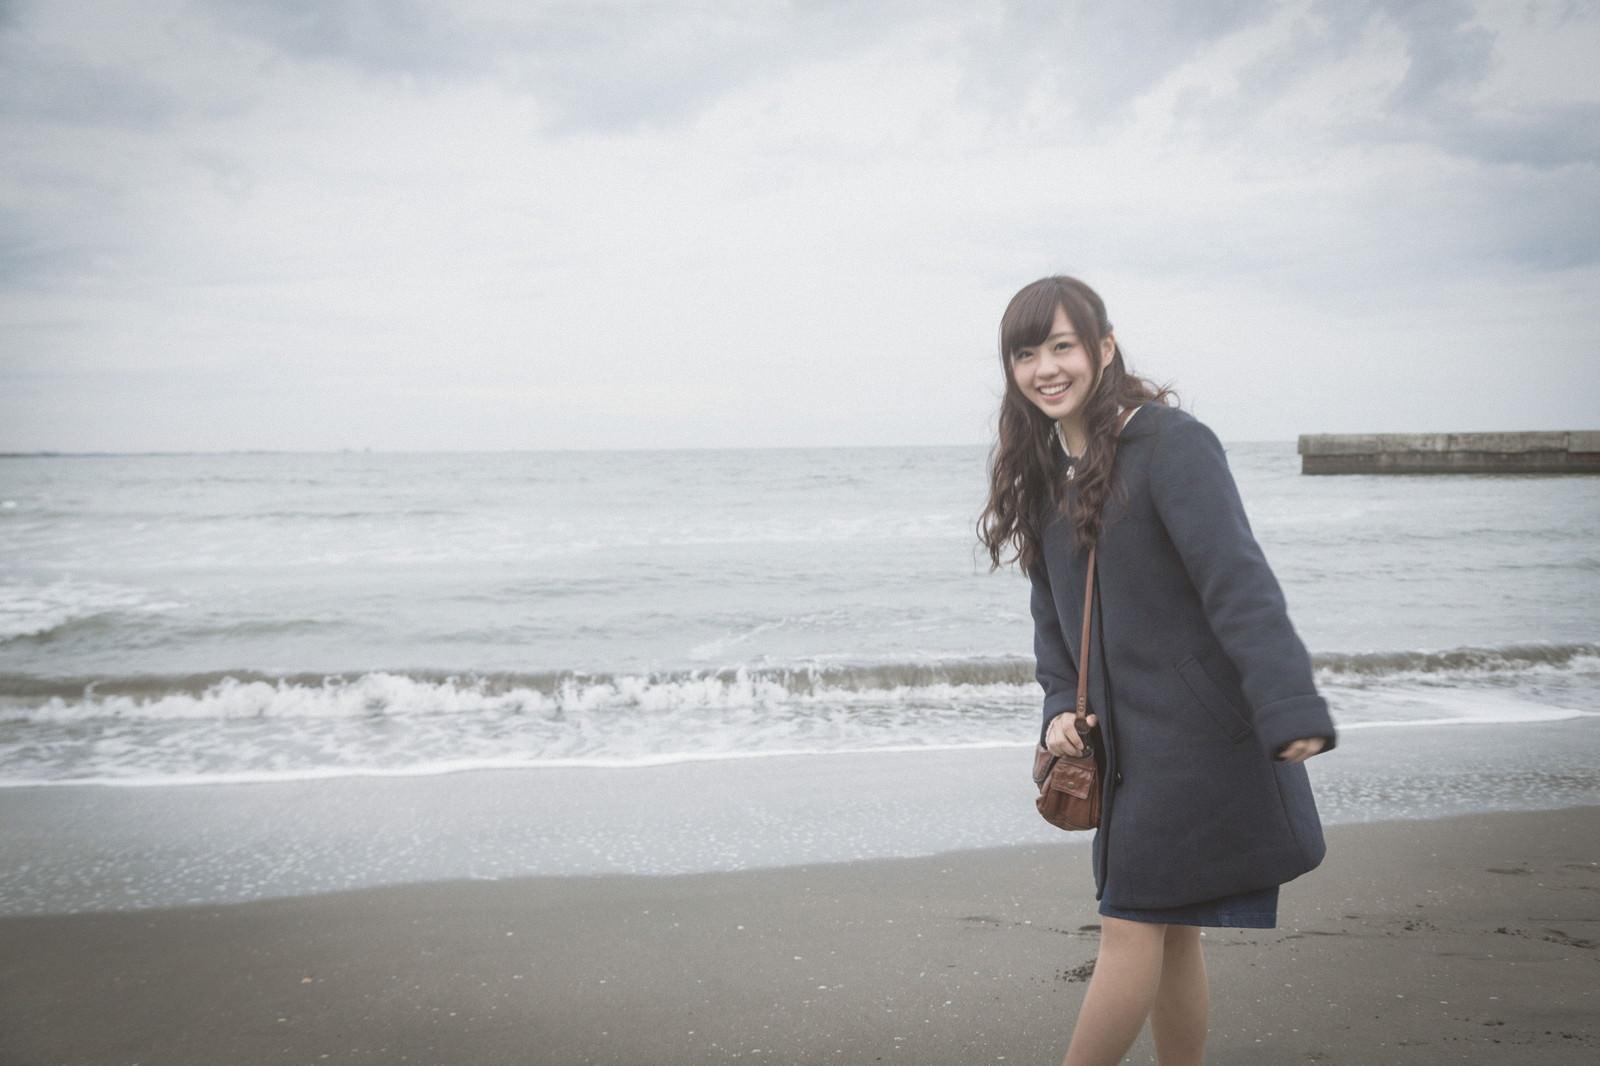 「彼女と冬の海デート彼女と冬の海デート」[モデル:河村友歌]のフリー写真素材を拡大